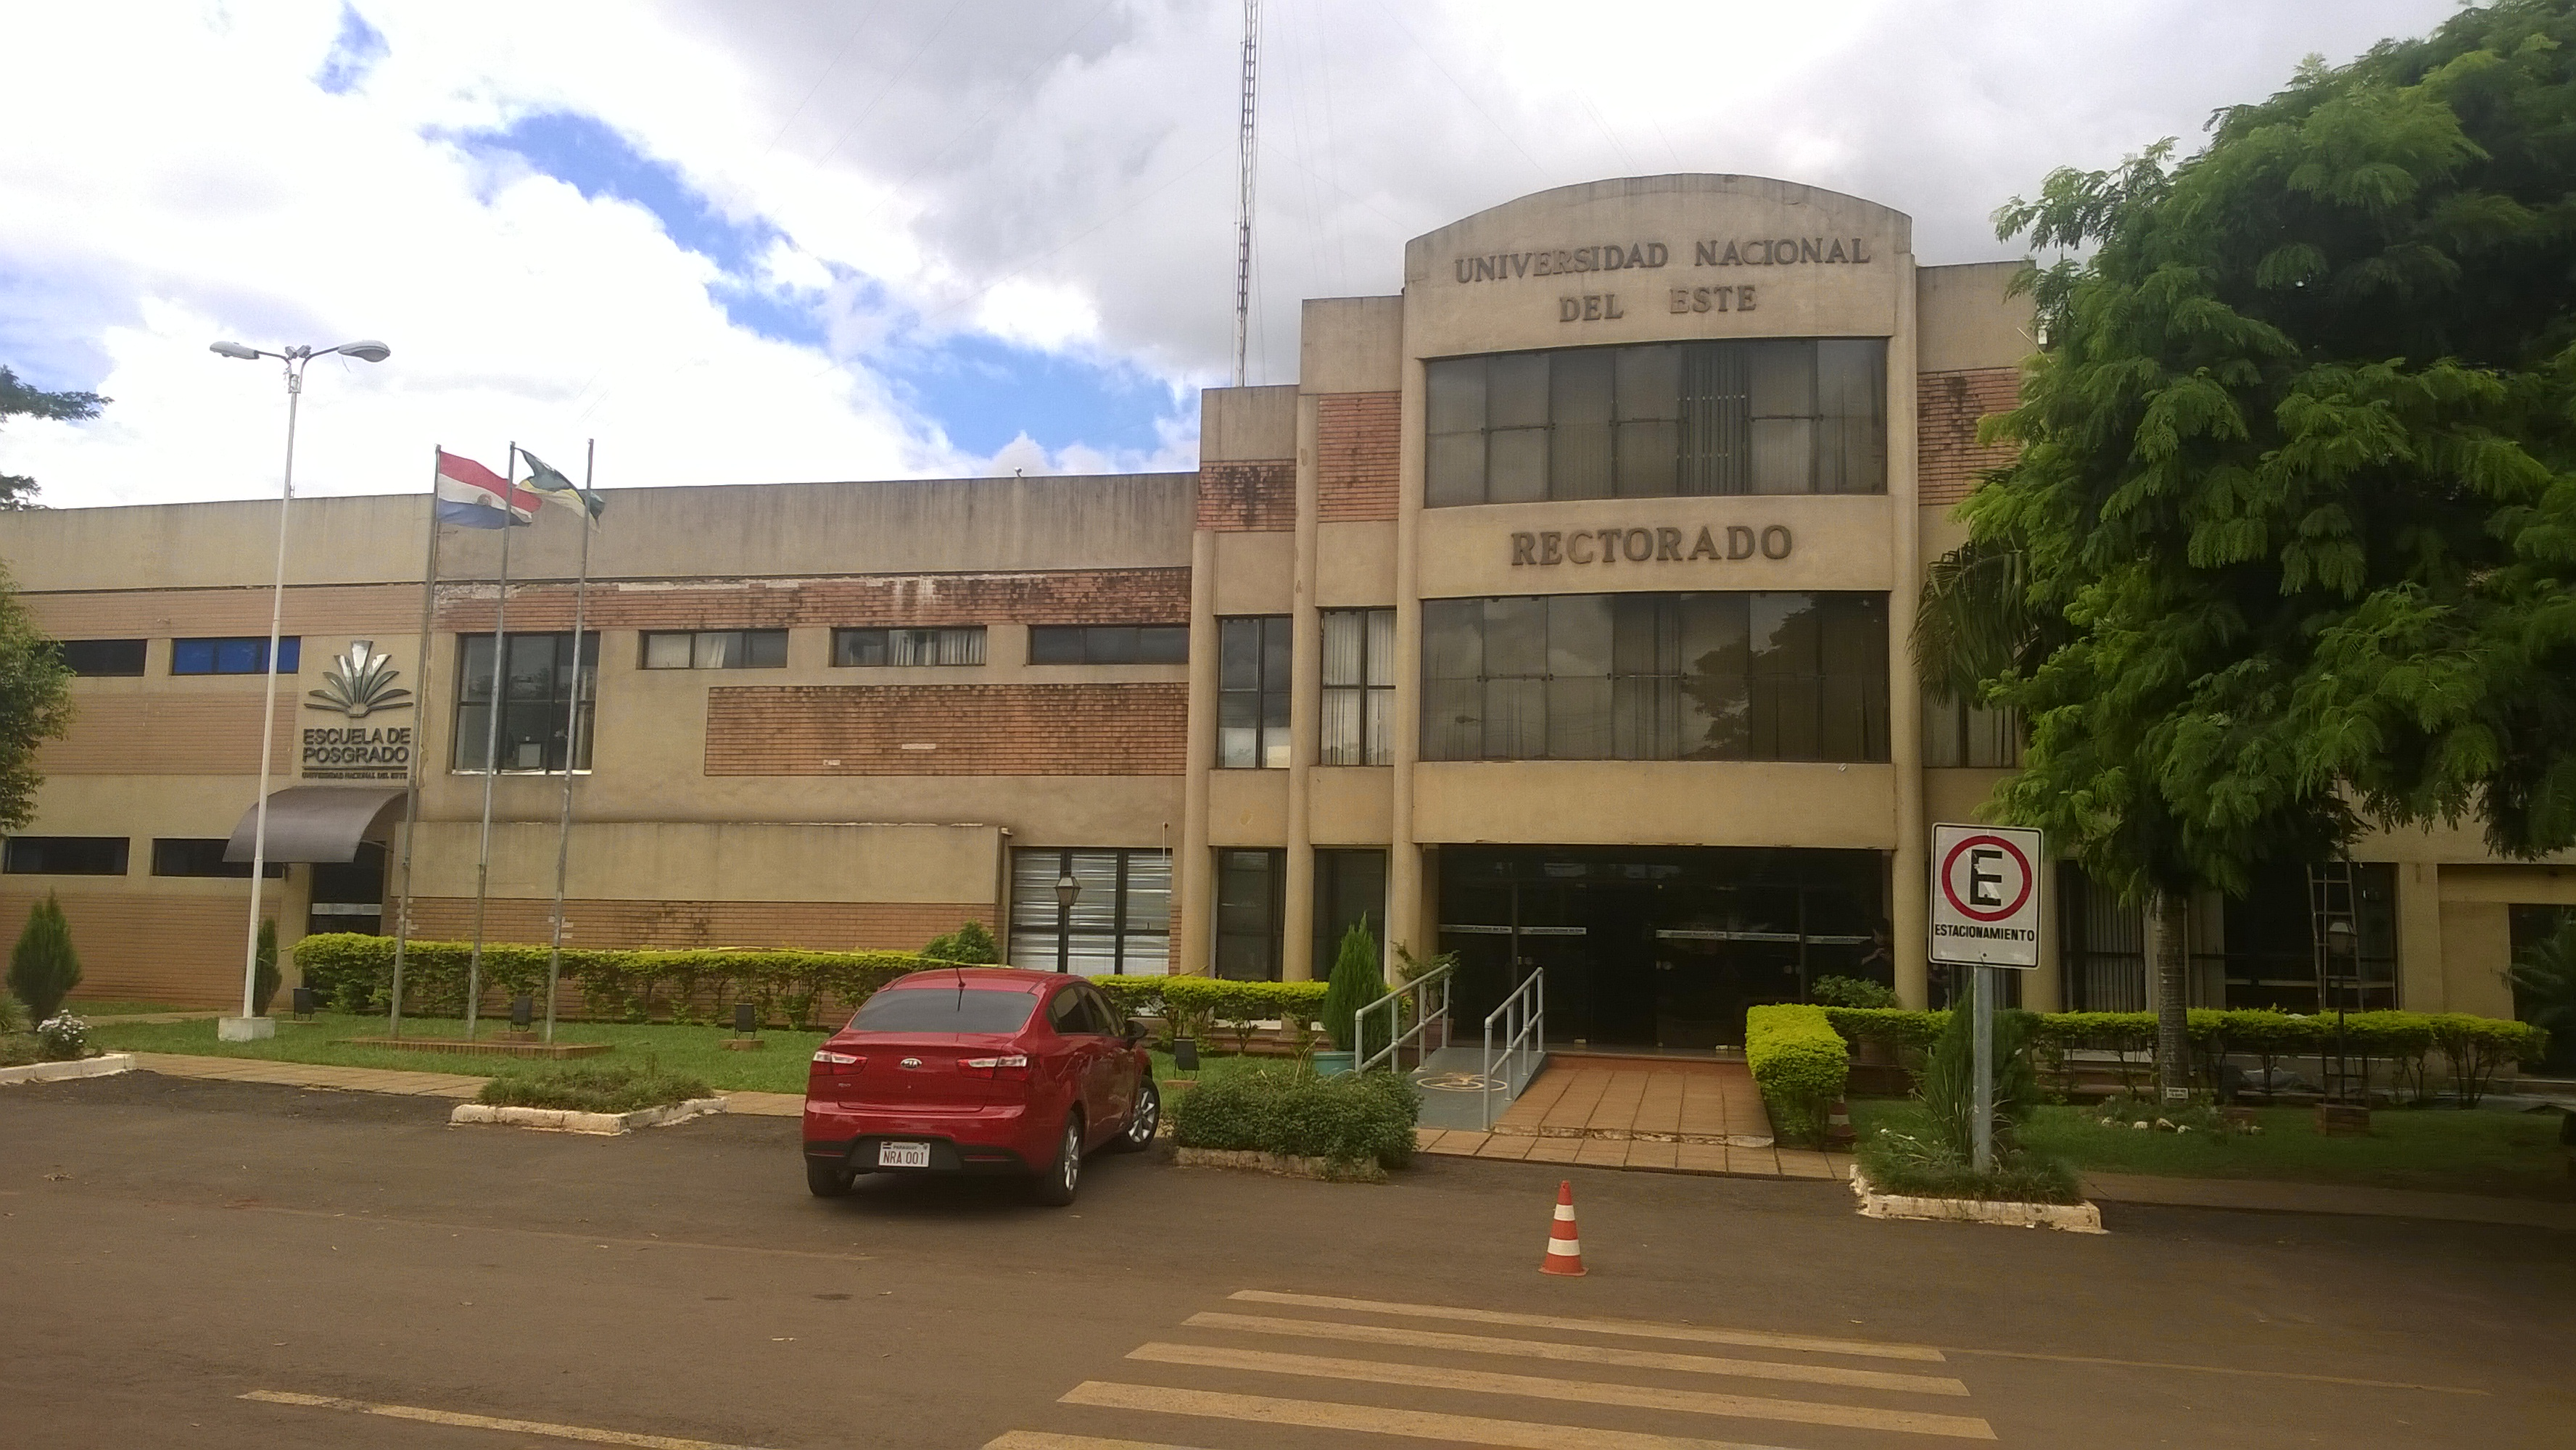 Universidad Del Este >> Universidad Nacional Del Este Wikipedia La Enciclopedia Libre